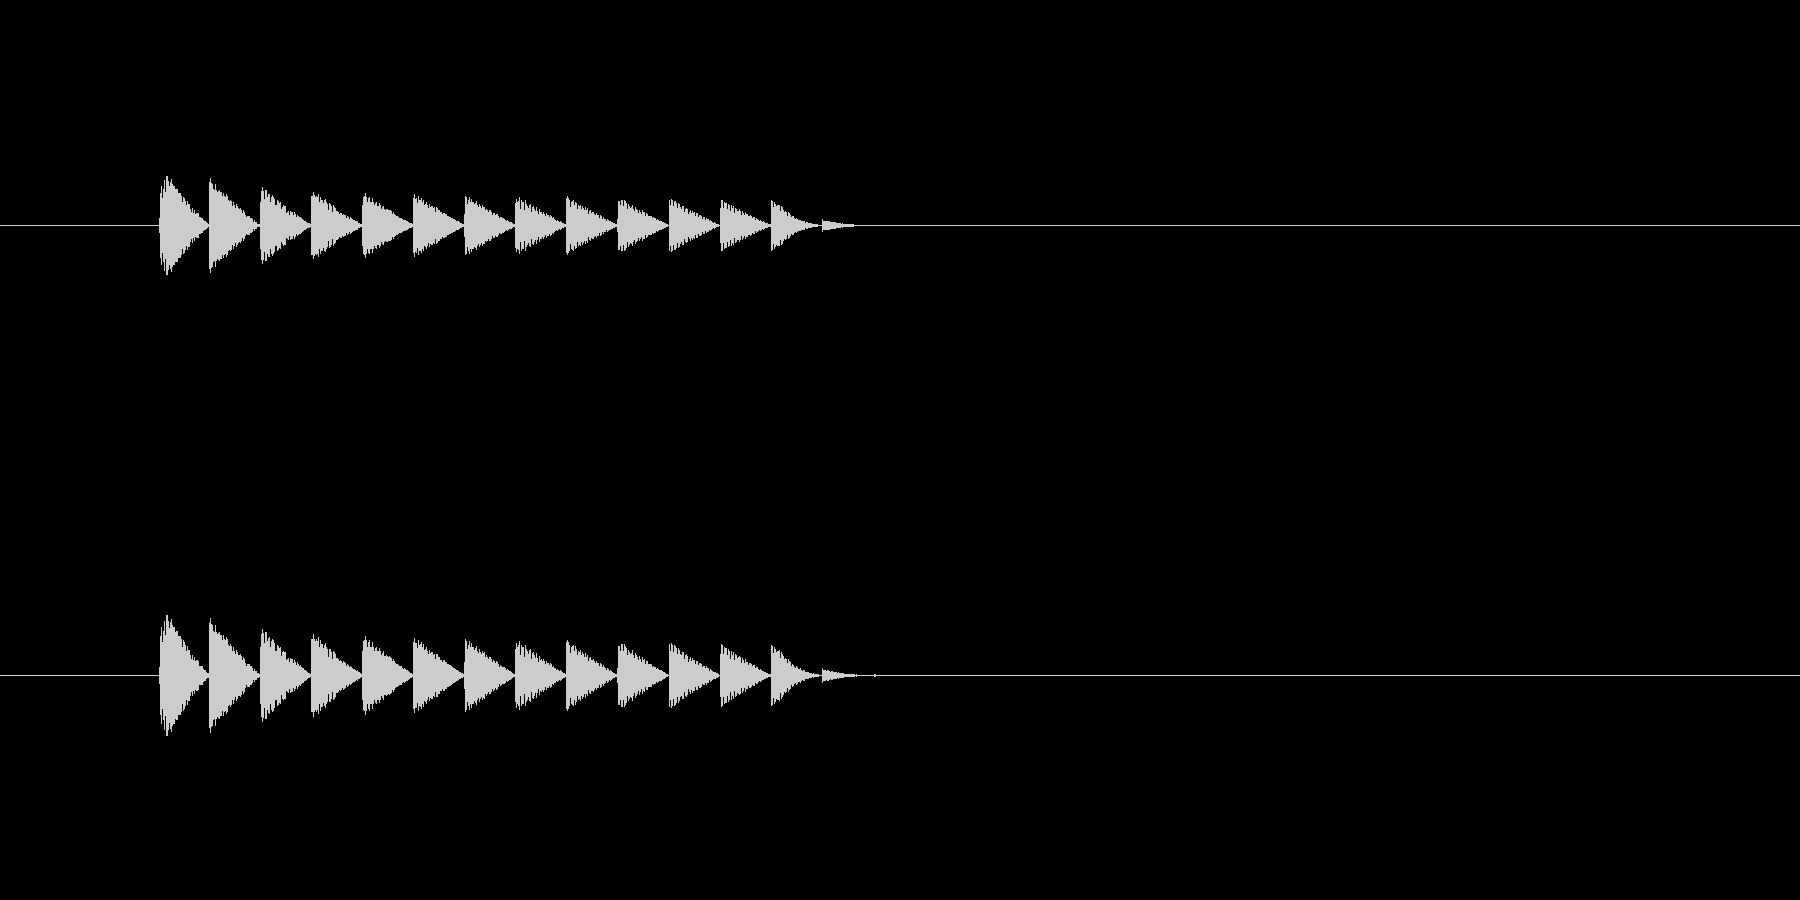 ブロック消滅(パズルゲーム)の未再生の波形